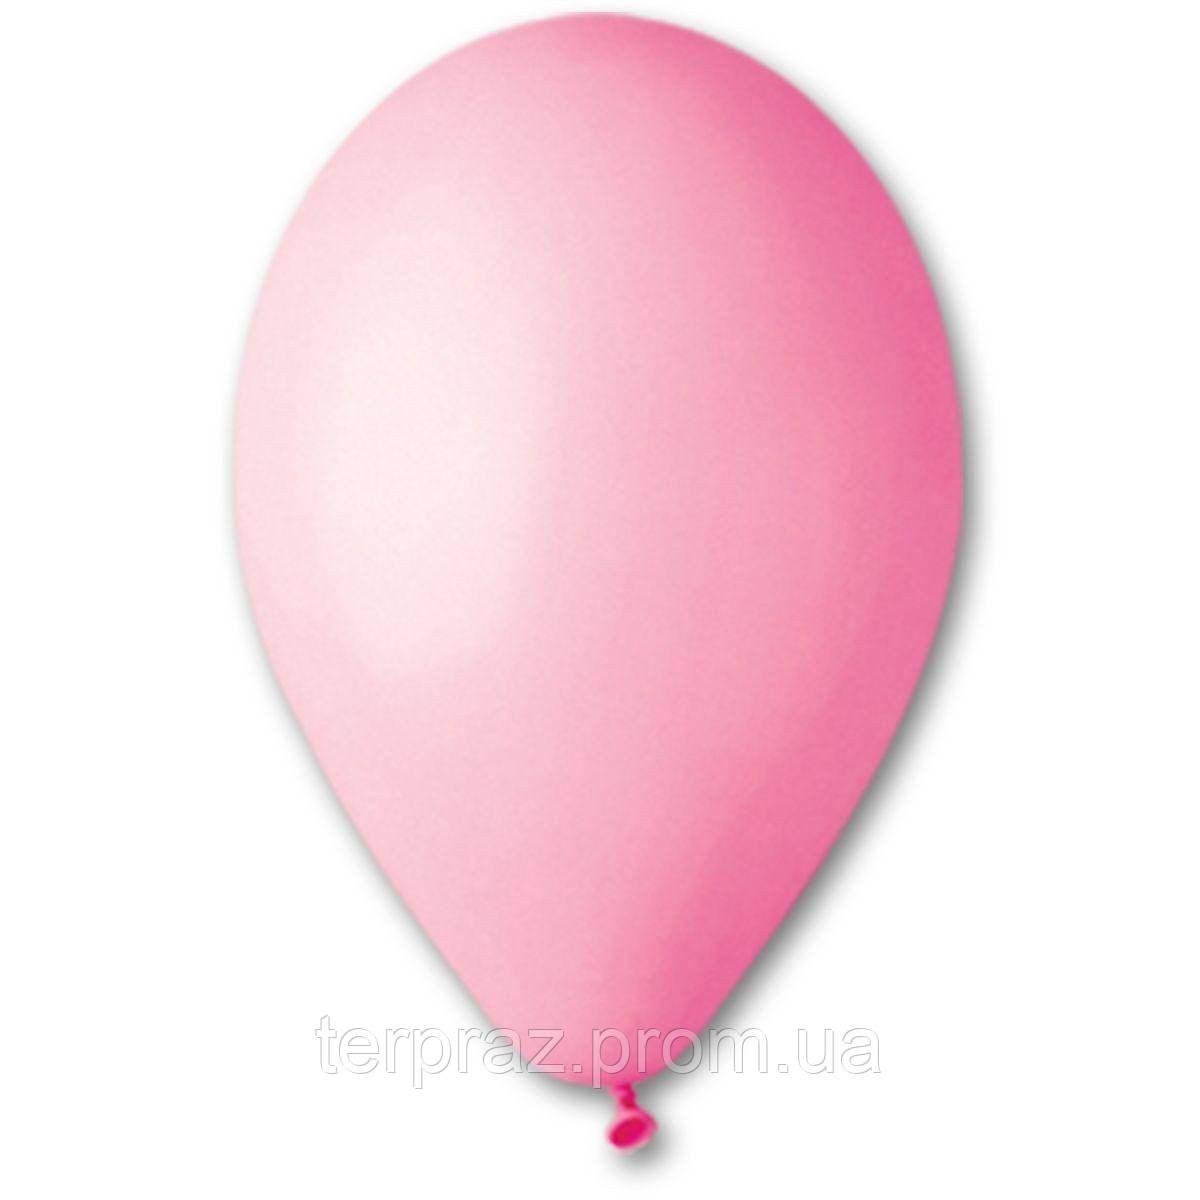 """Латексные шары круглые без рисунка 12"""" (30 см) / 06 пастель розовый"""